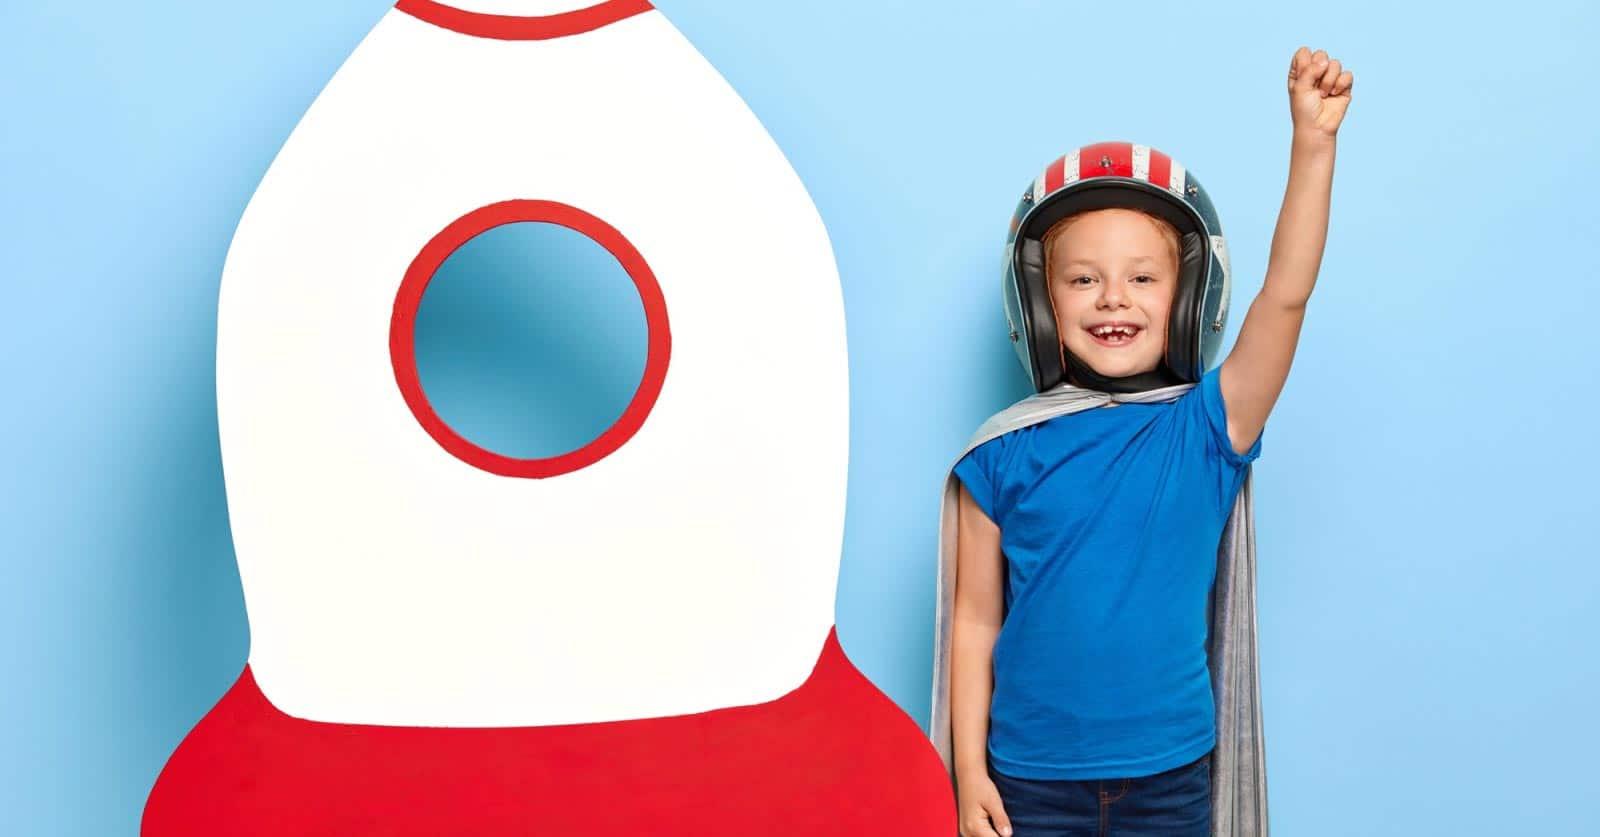 Festa a tema per bambini: idee per un party divertente!